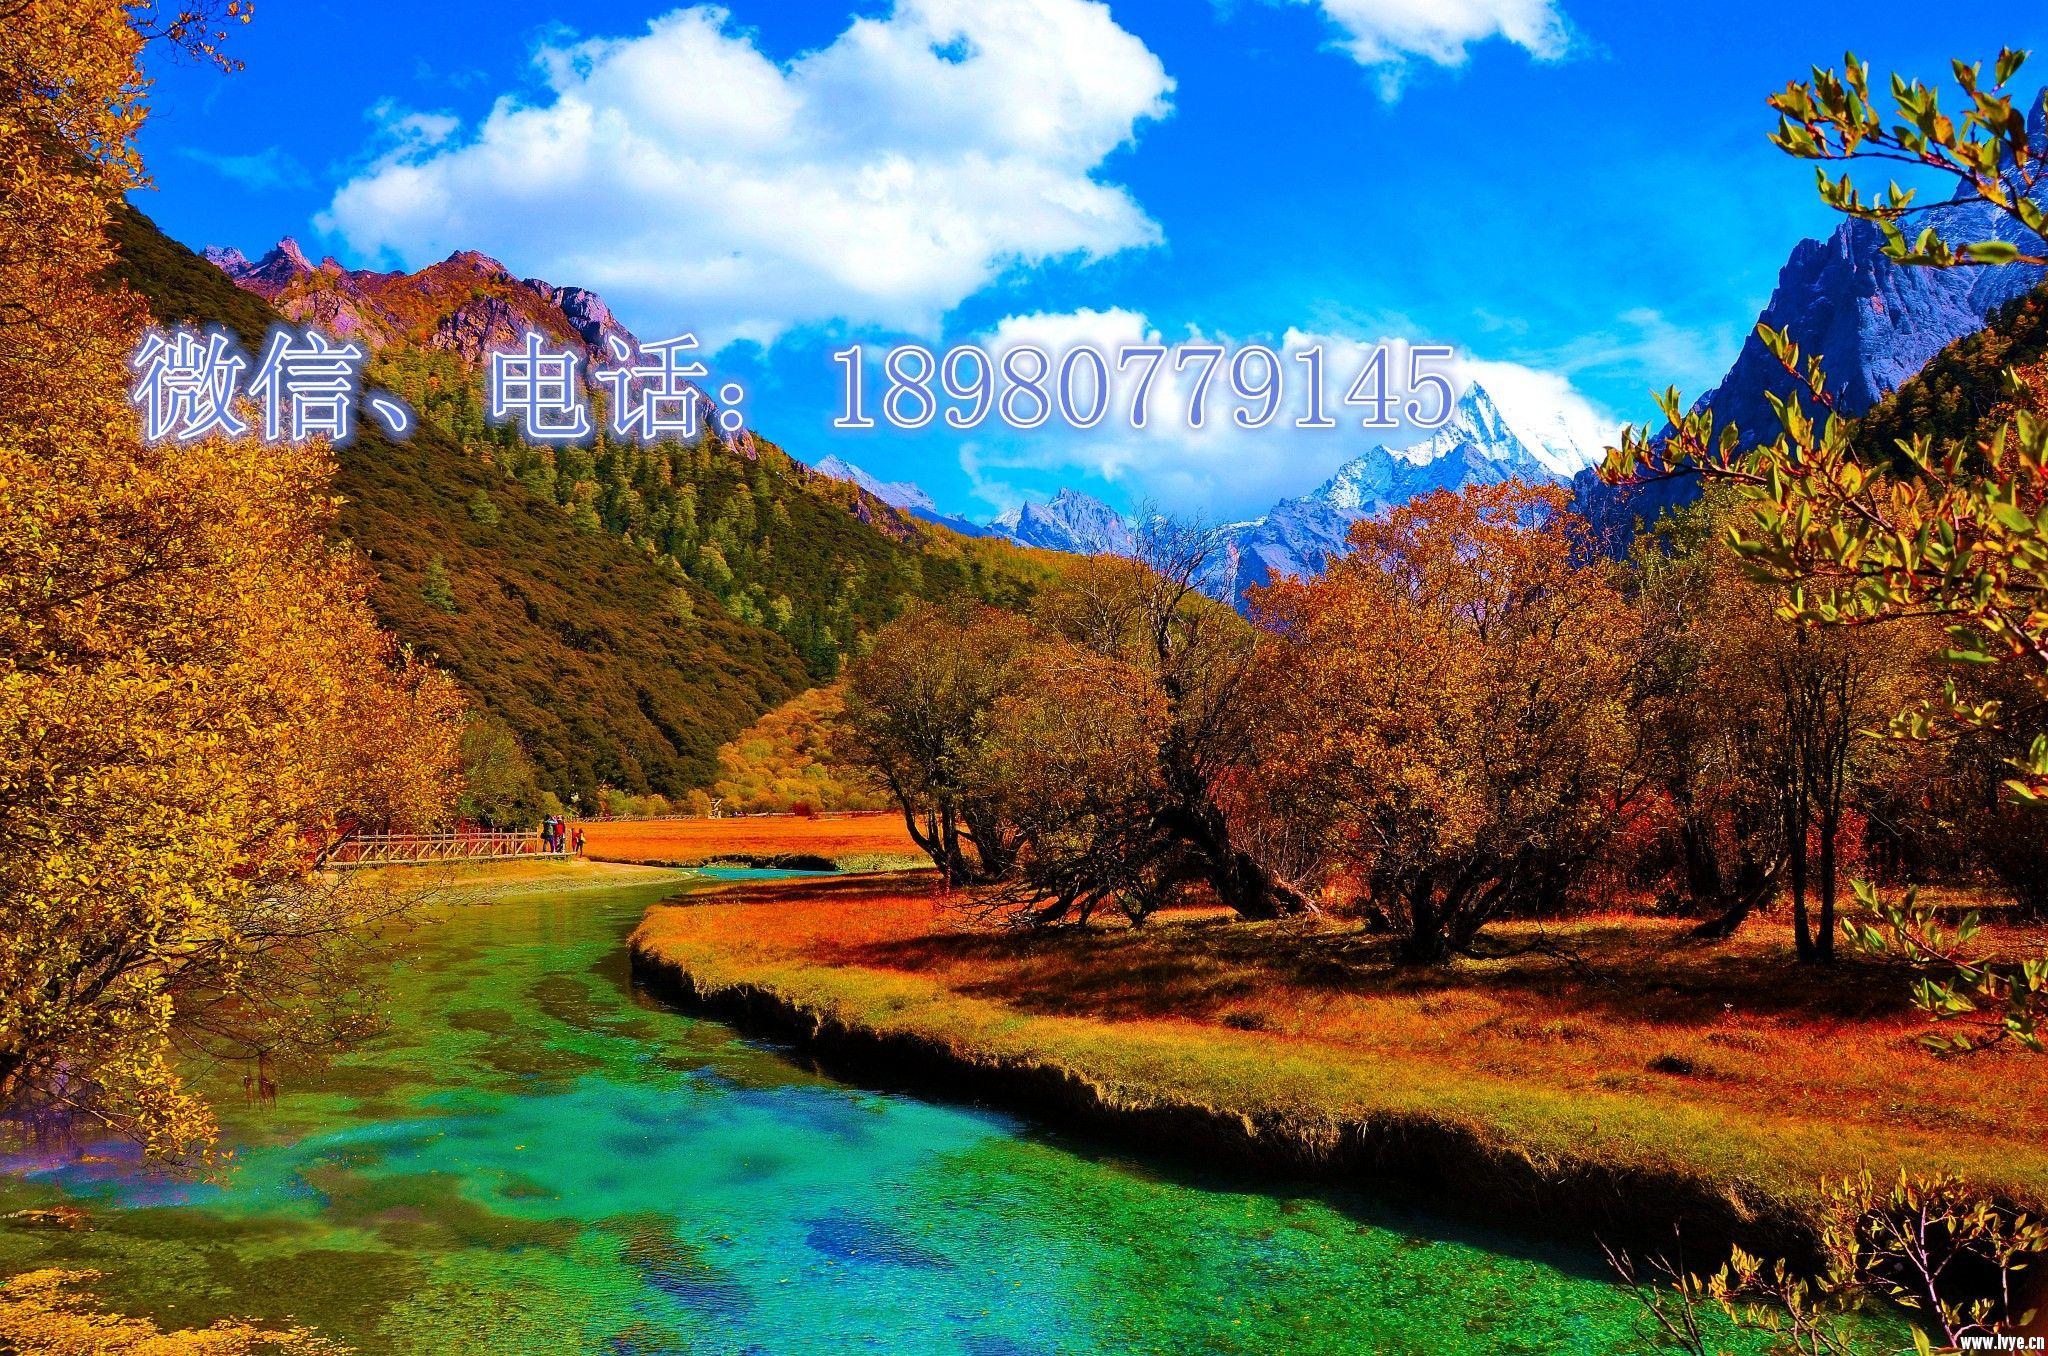 黄金十月—西部川藏行—10月5号、11号、18号、26号—拼团